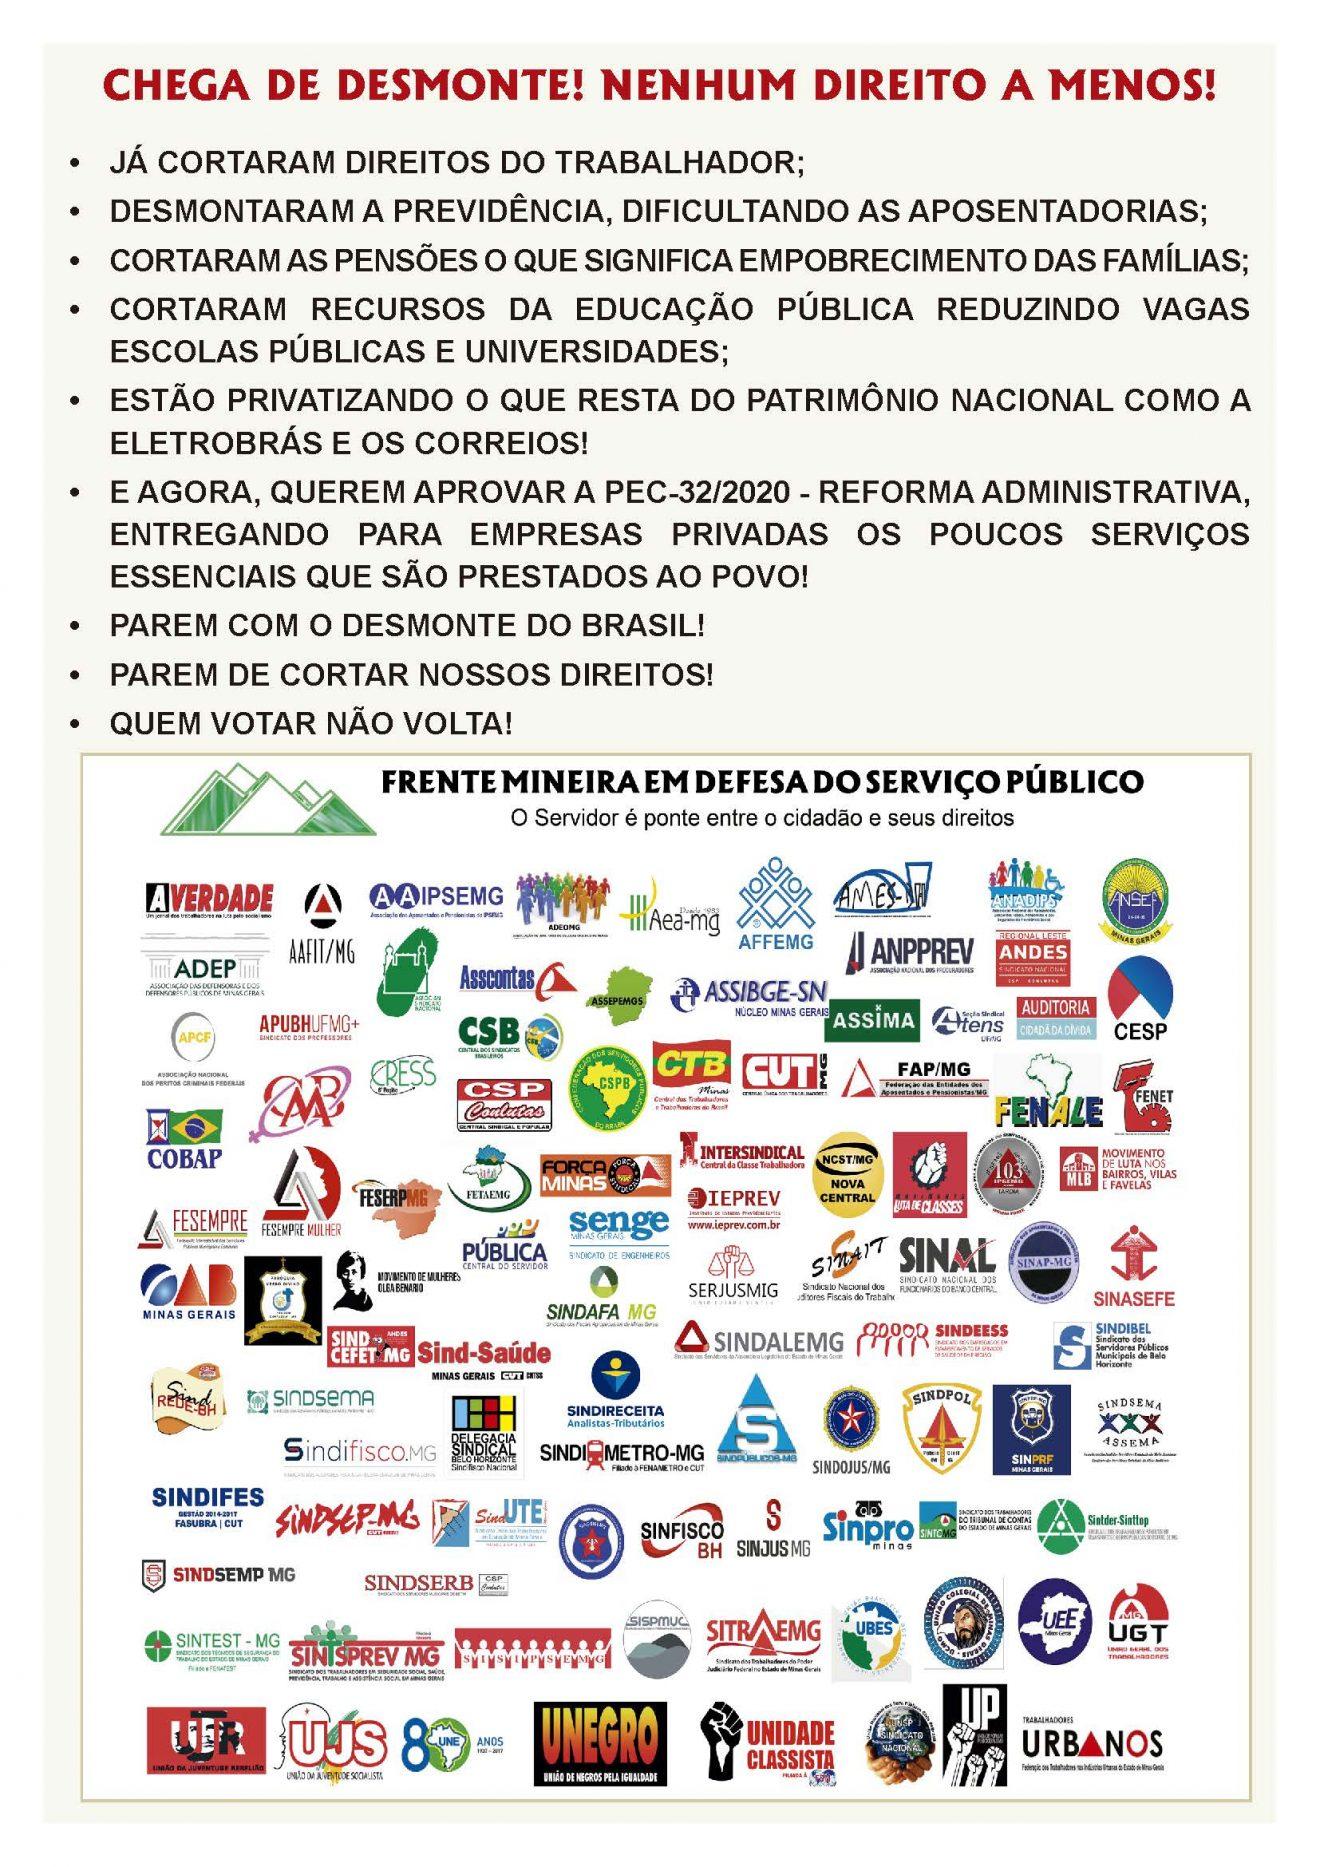 Manifesto da Frente Mineira em Defesa do Serviço Público contra a PEC 32/2020 - Reforma Administrativa 6